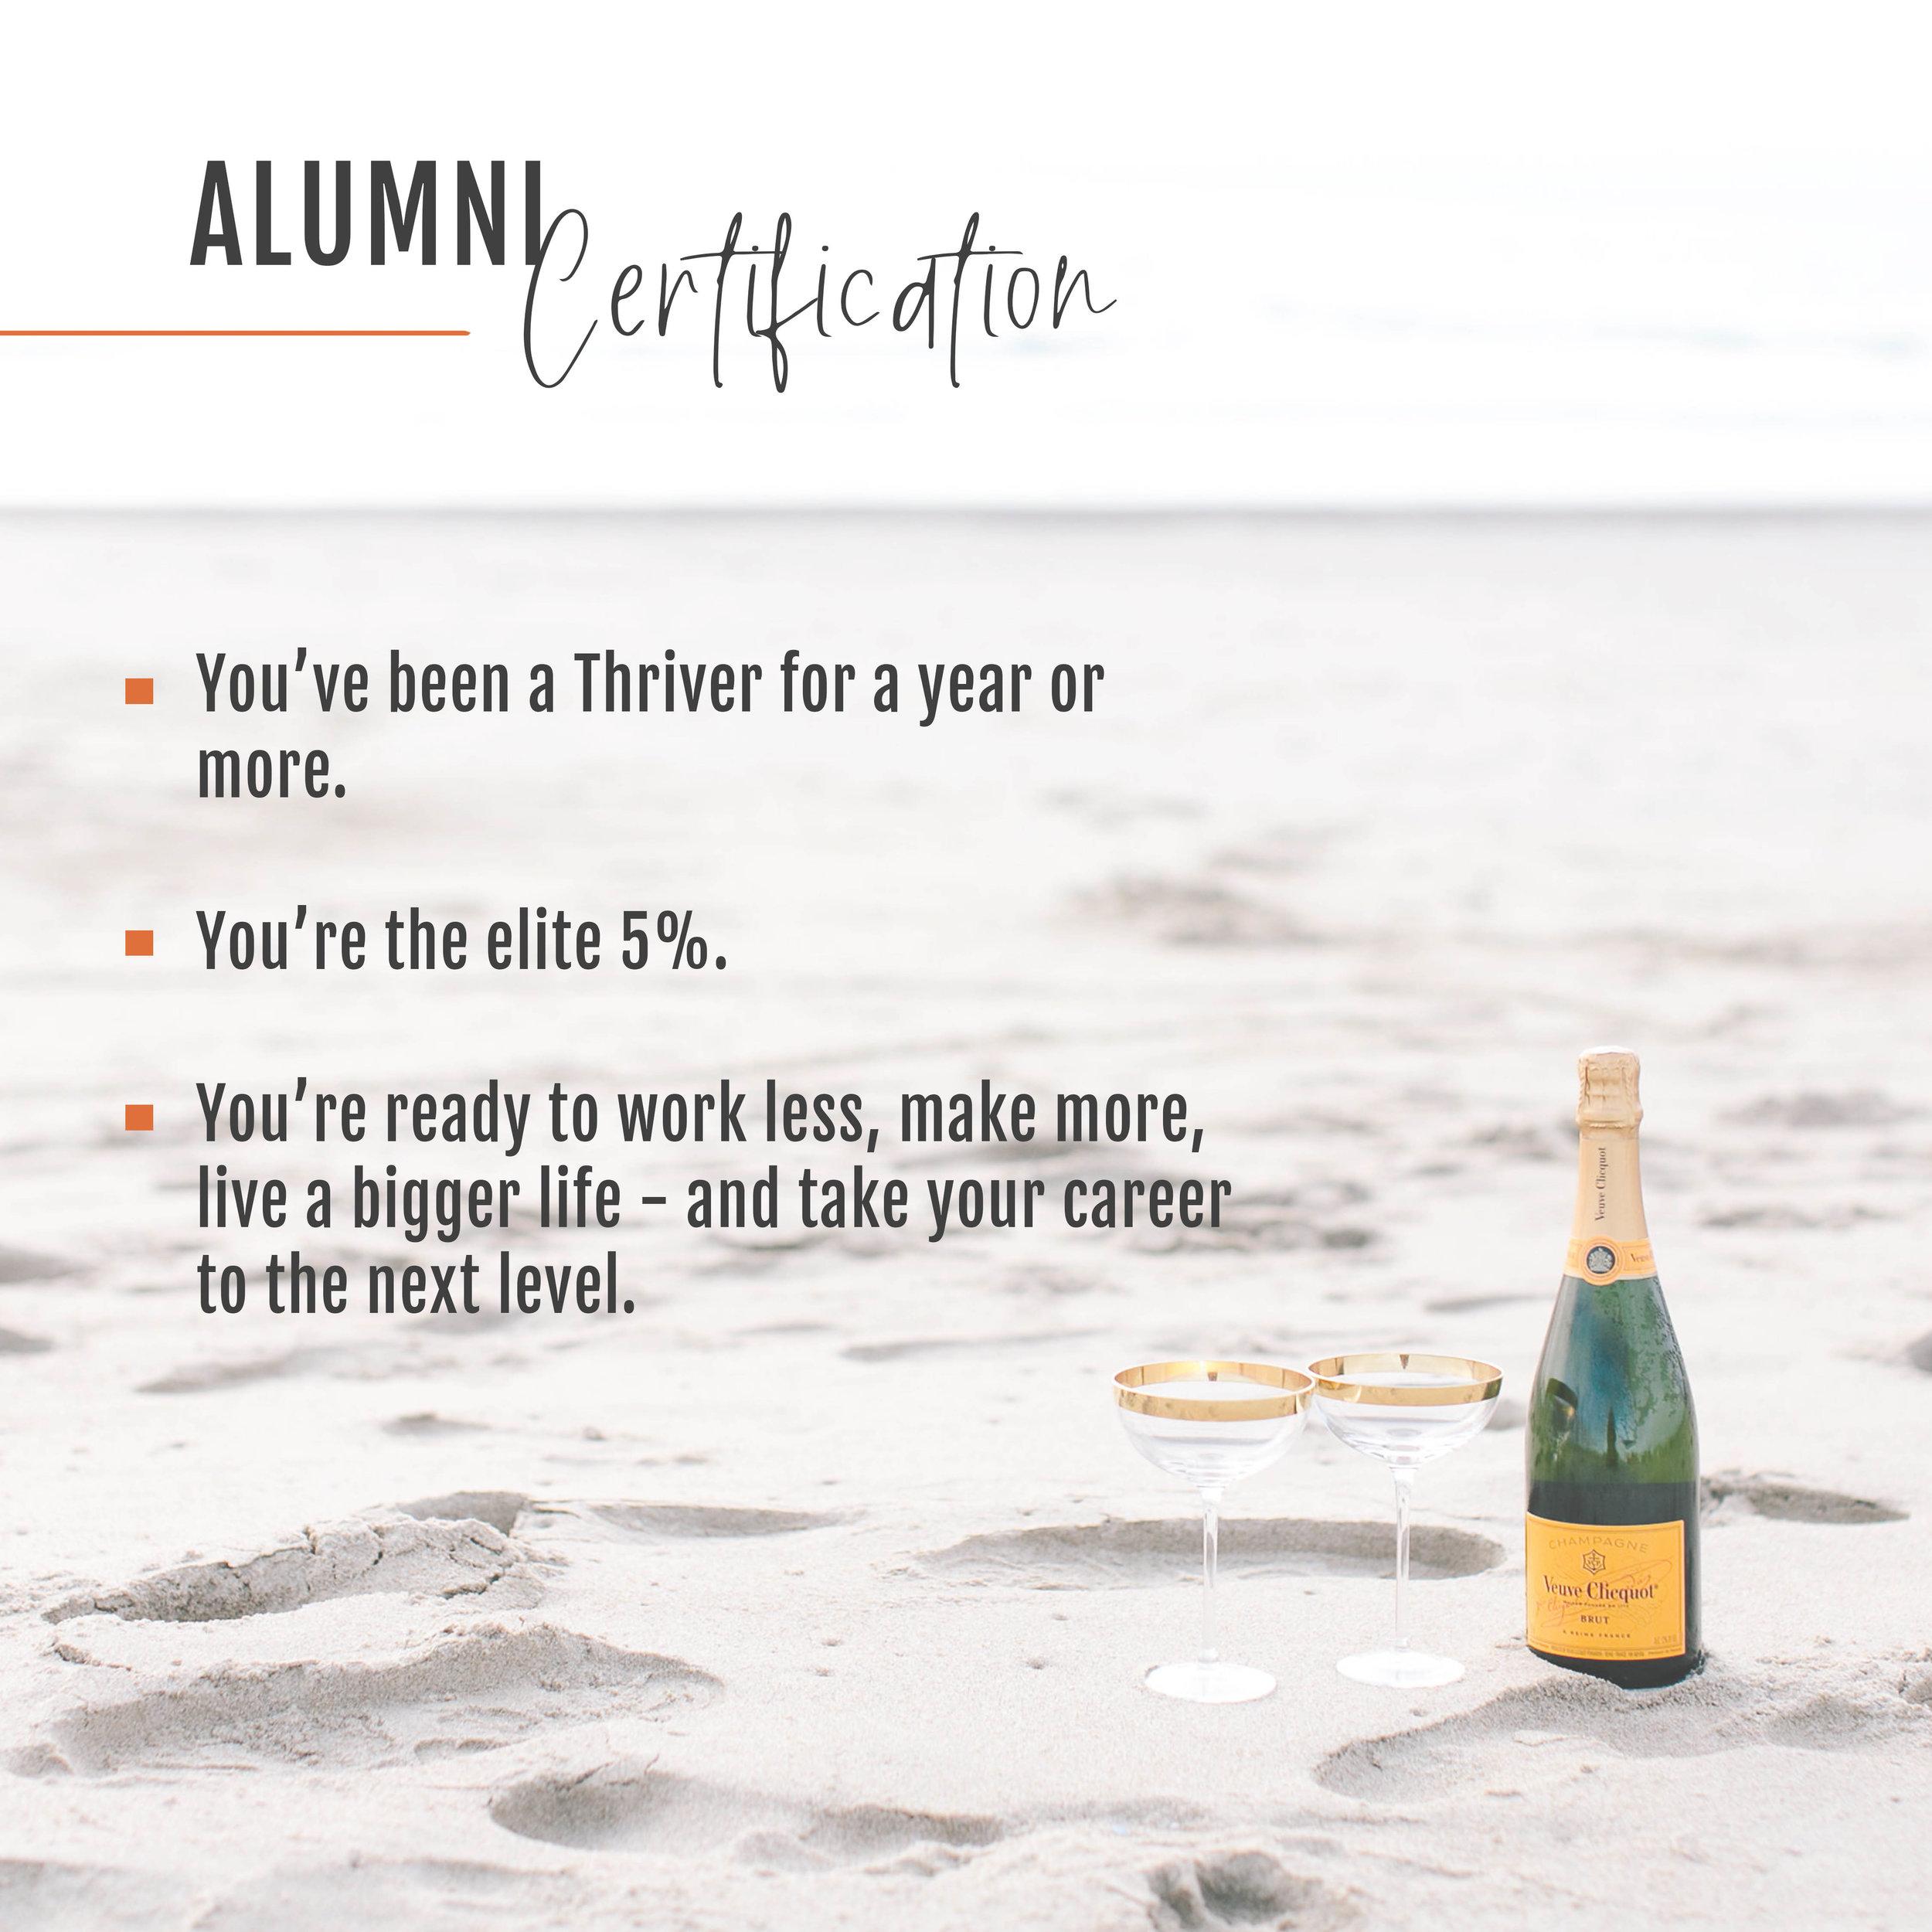 alumnicert.jpg